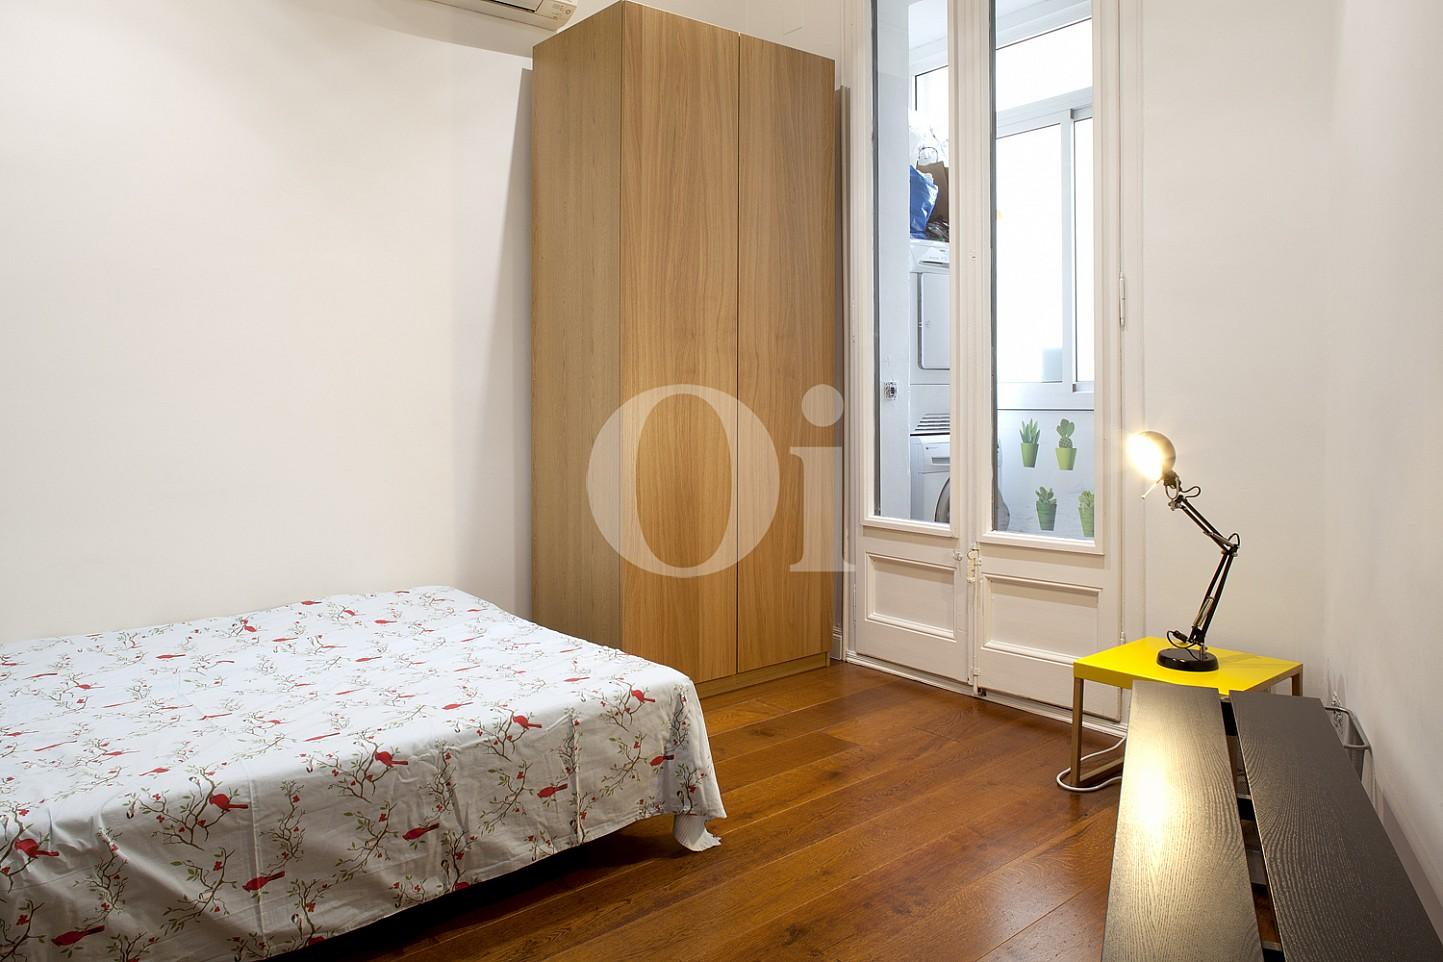 Habitación individual de maravilloso piso en venta en el corazón del Eixample, Barcelona